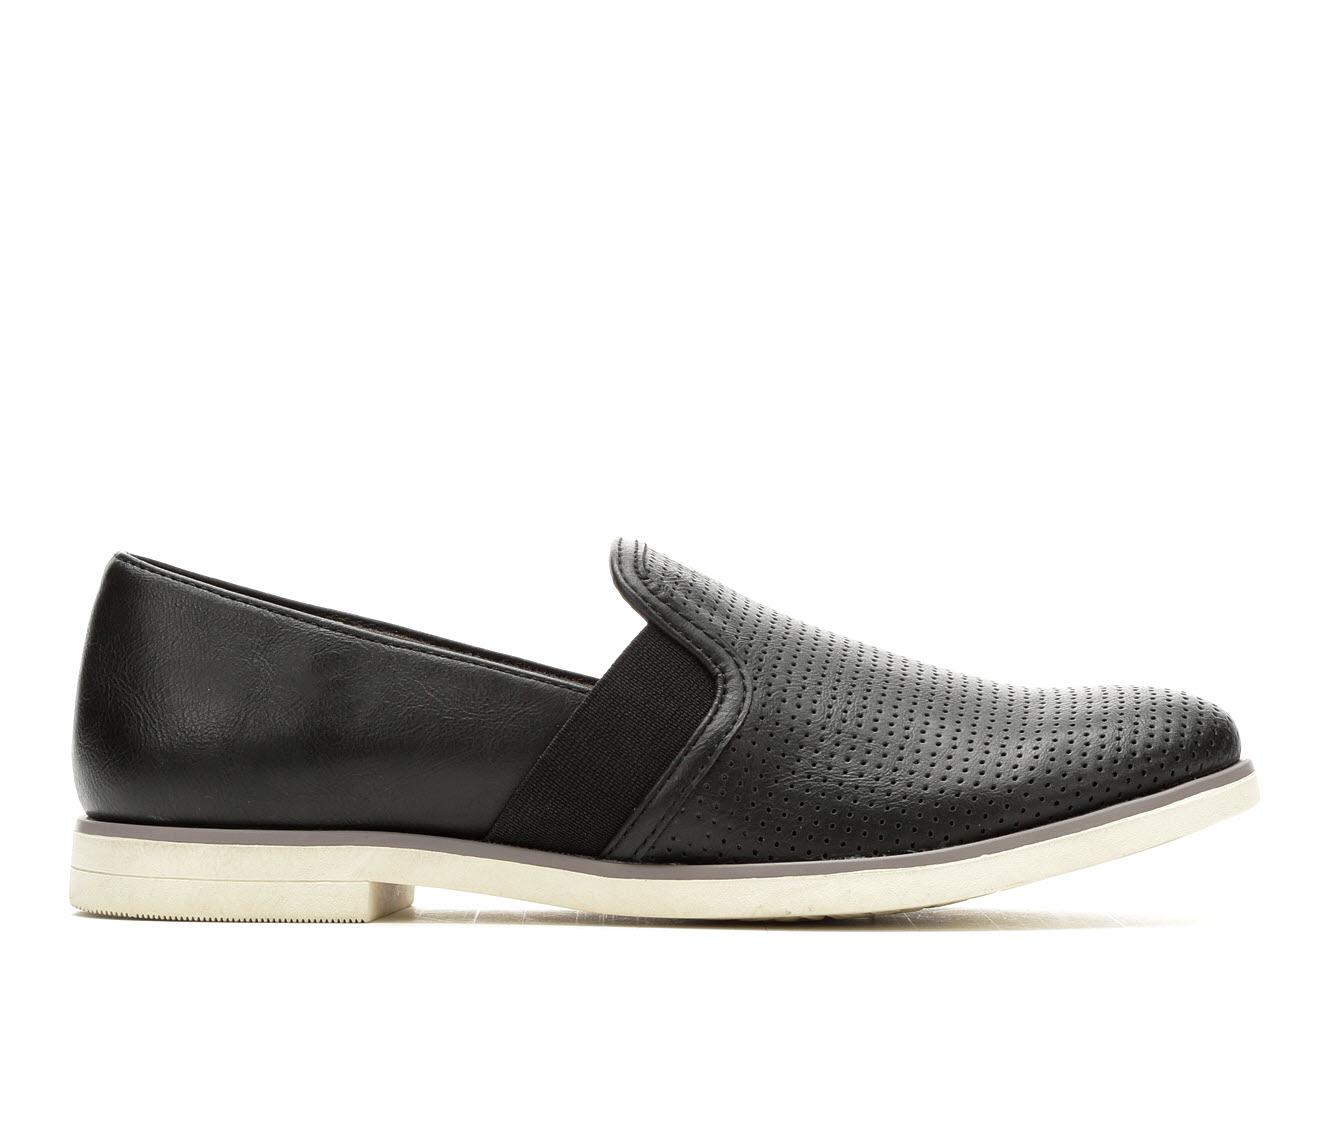 EuroSoft Vernelle Women's Shoe (Black Faux Leather)